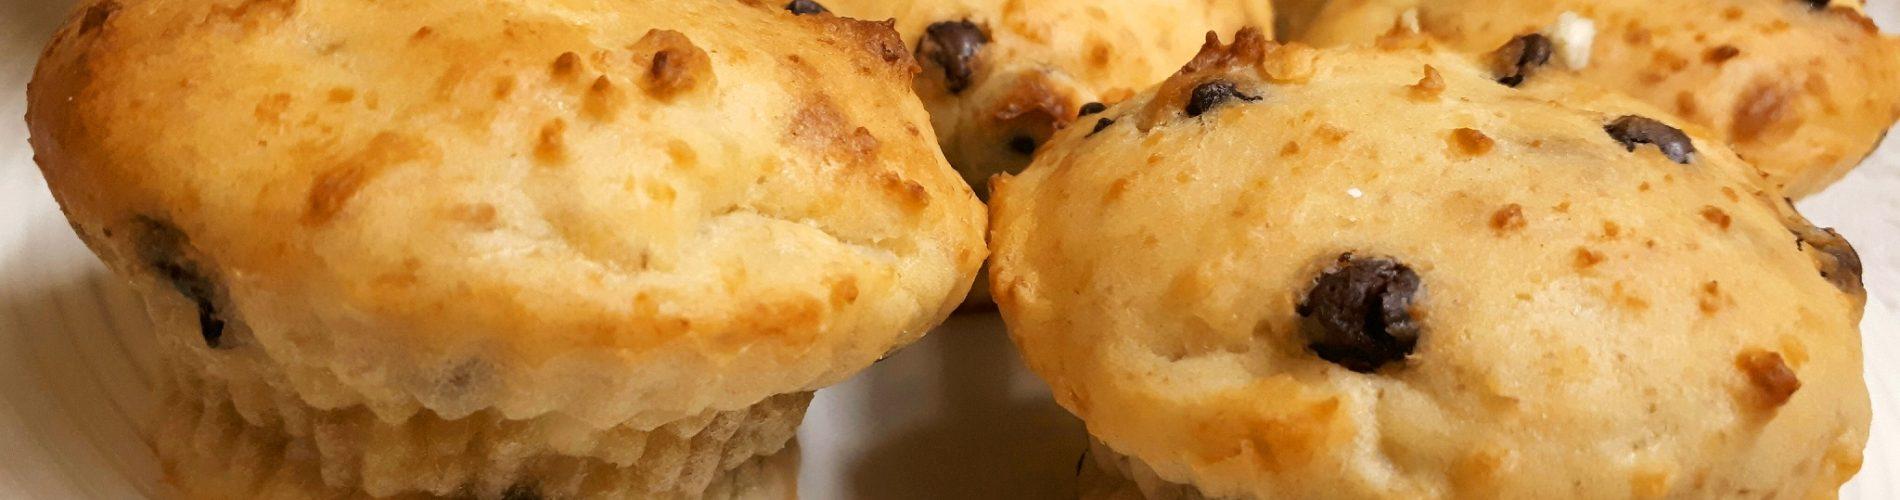 túrós muffin diétásan